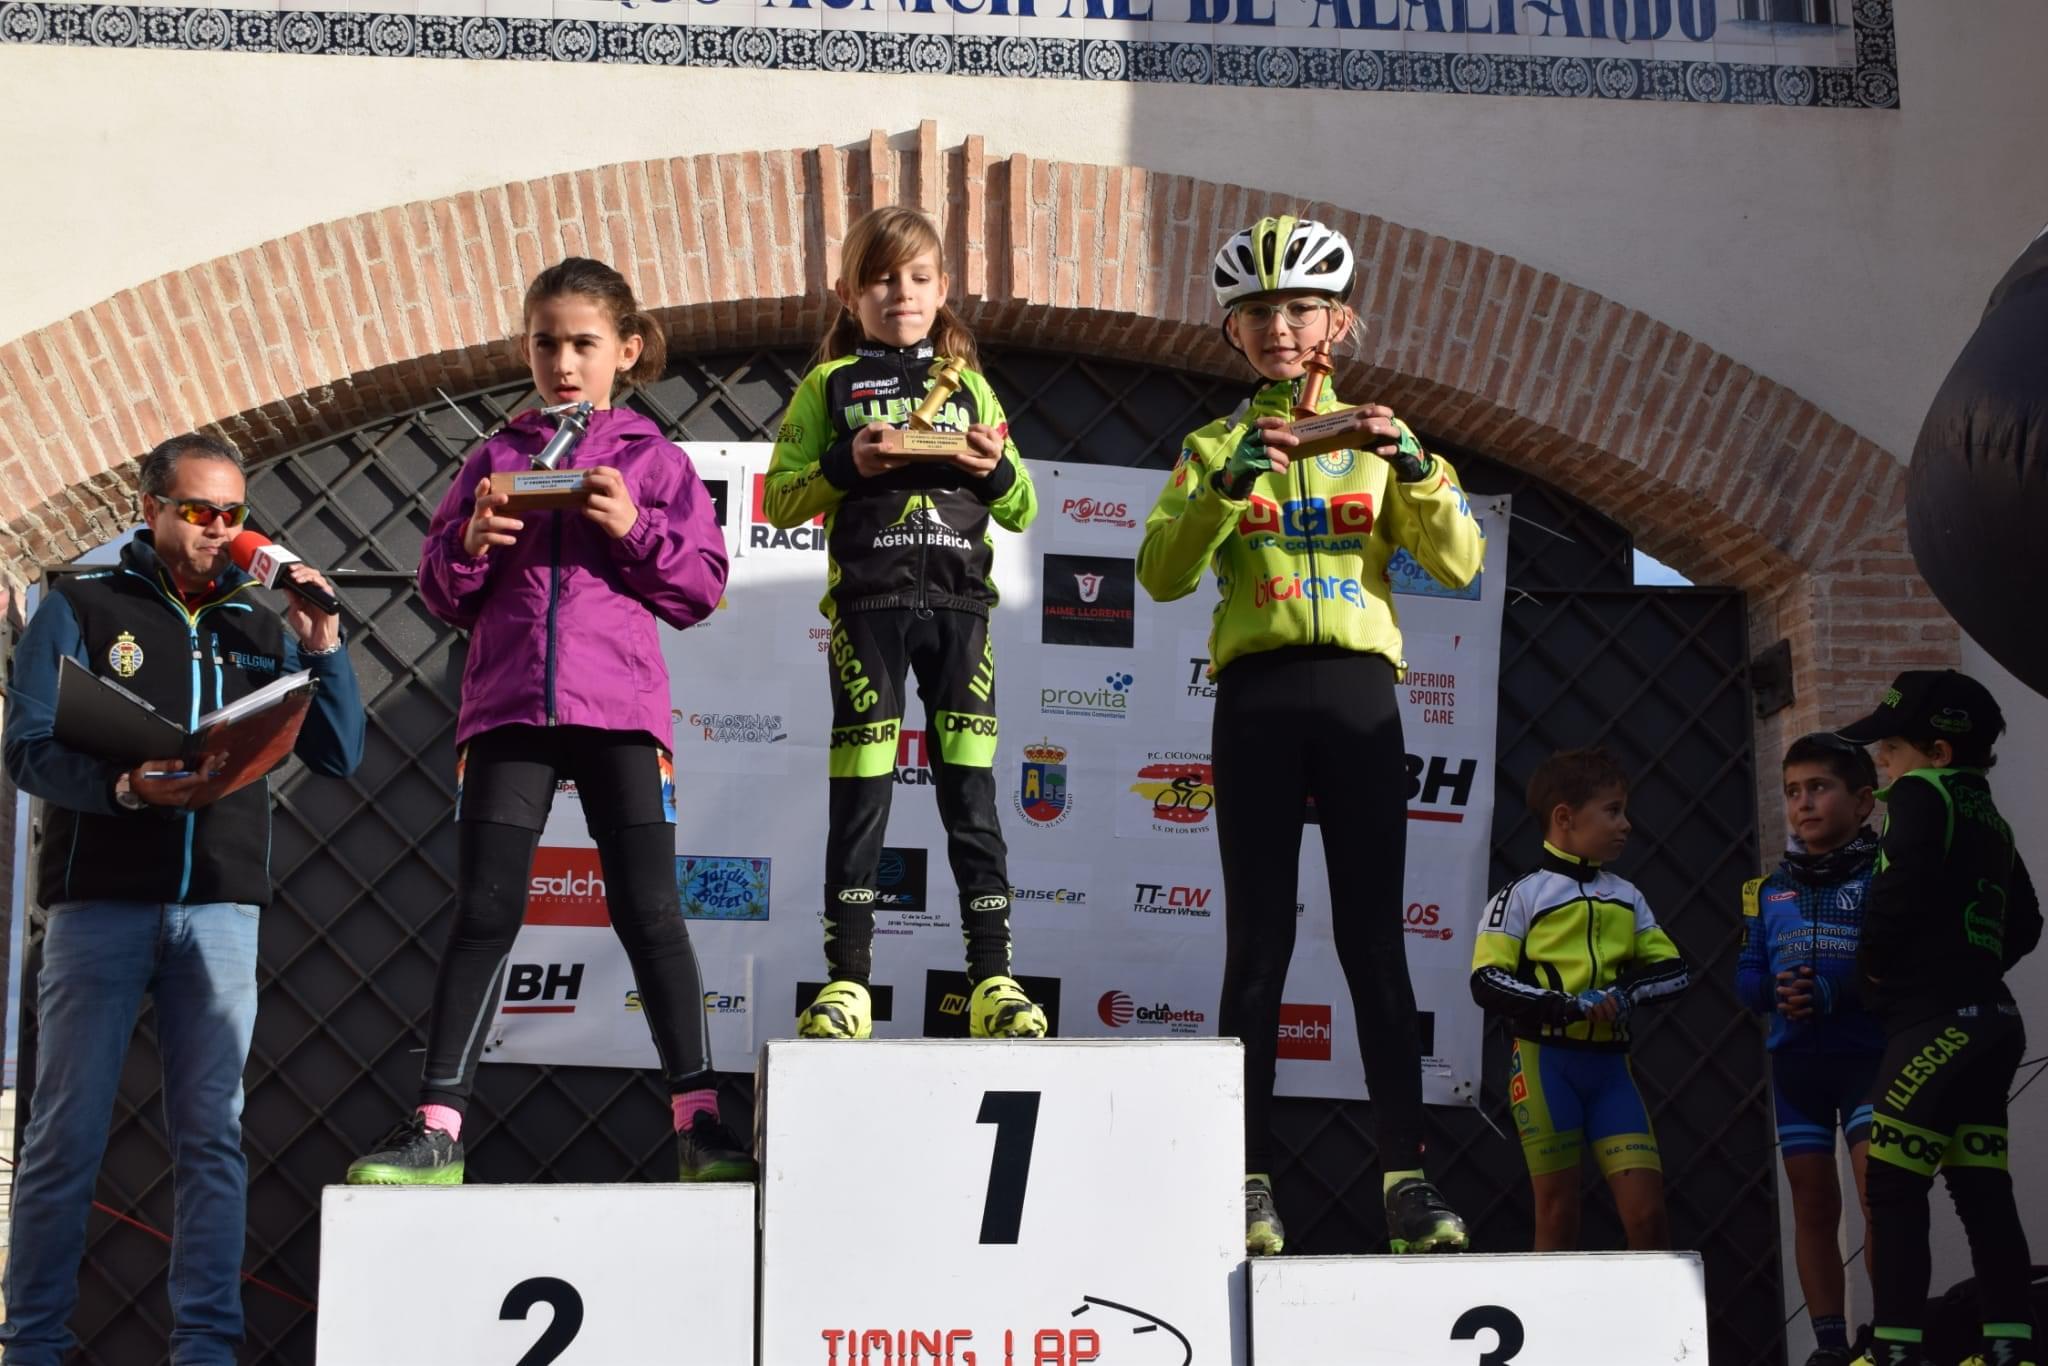 Aida Nuño y Aitor Hernández, victorias de prestigio en el tradicional ciclocross de la Peña Ciclista Ciclonorte